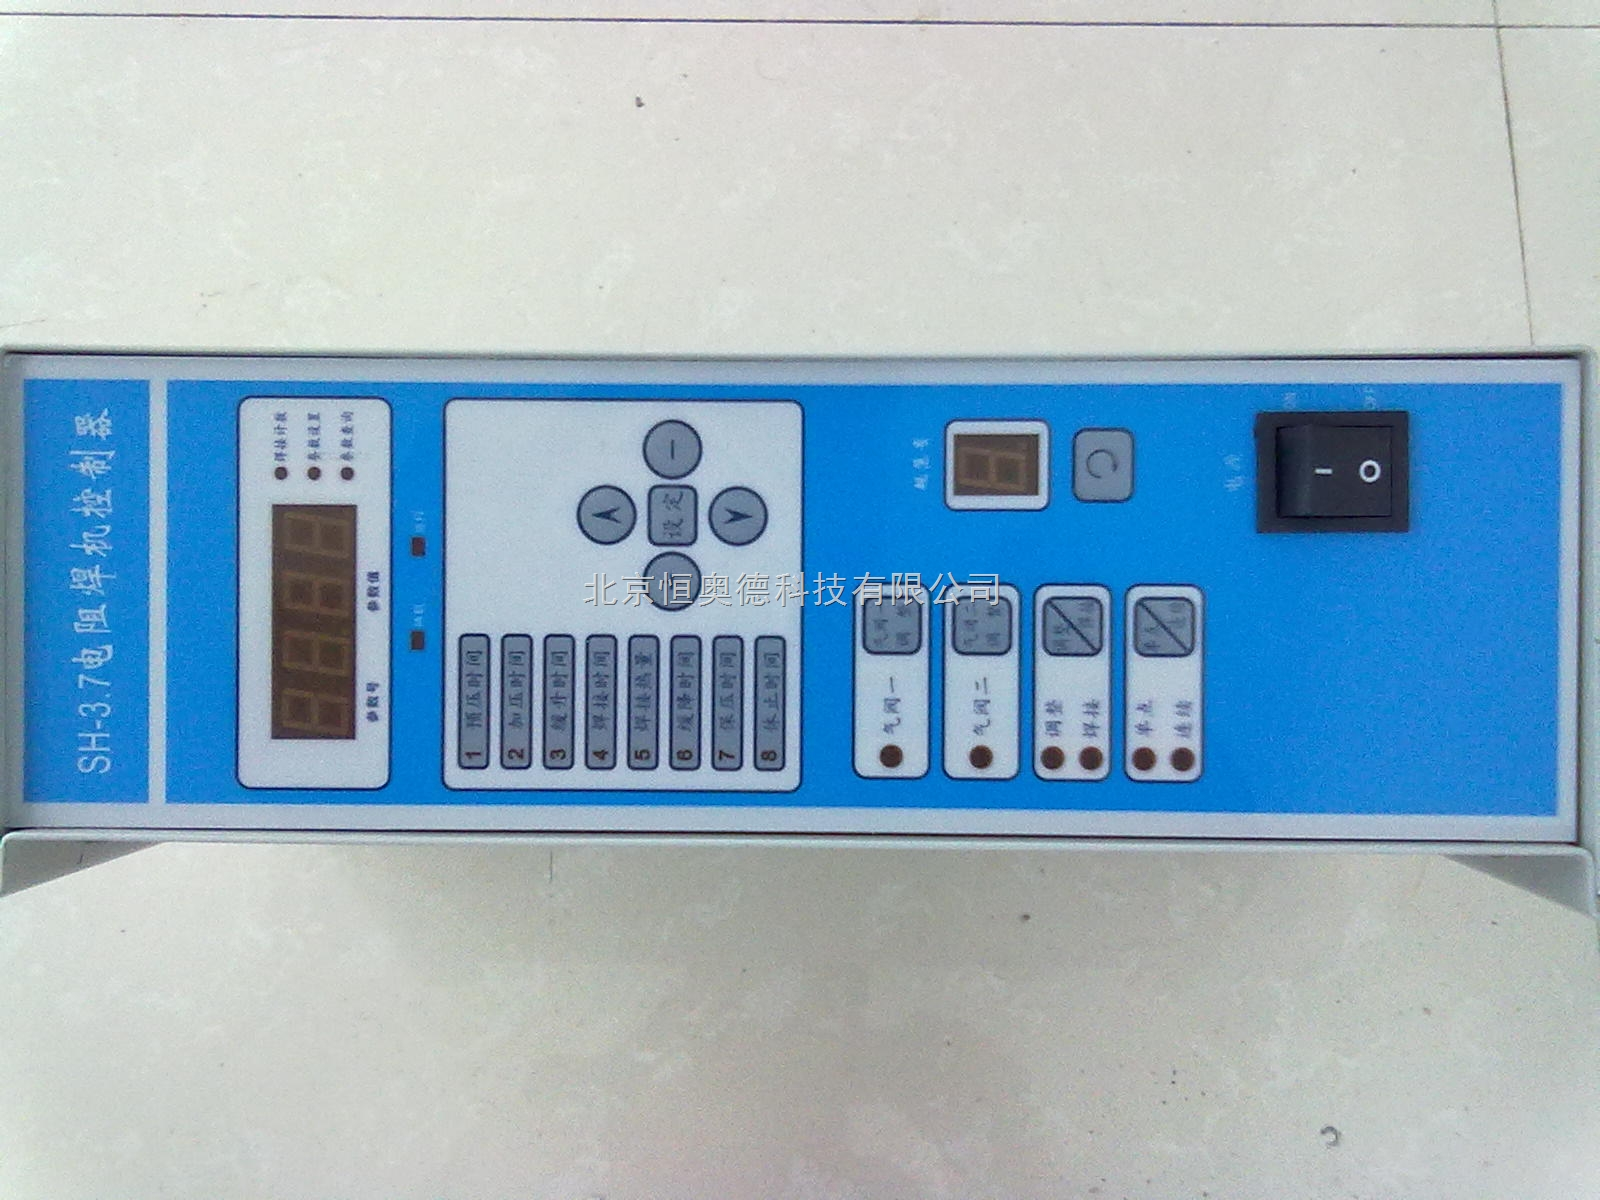 电阻焊机控制器 阻焊控制器 厂家 型号:SH-3.7 SH3.7系列微机精密焊机控制器,是一种以单片机作为主控制单元的点焊机同步控制器。该系列控制器主要功能特点如下: 9组焊接规范存储;焊接时可以进行更加灵活的选择和控制; 具有恒压/恒流功能;当电网电压波动在(330-430V)之间有电压补偿; 具有焊接计数功能 ; 缓升功能:无爆火逐步递升焊接电流,从而延长了焊头的使用寿命; 精确的电流控制:把晶闸管的有效导通角分成千分调校; 完整的升级扩展功能:可添加红外保护等功能,或按照客户需求特别定制; 性能稳定